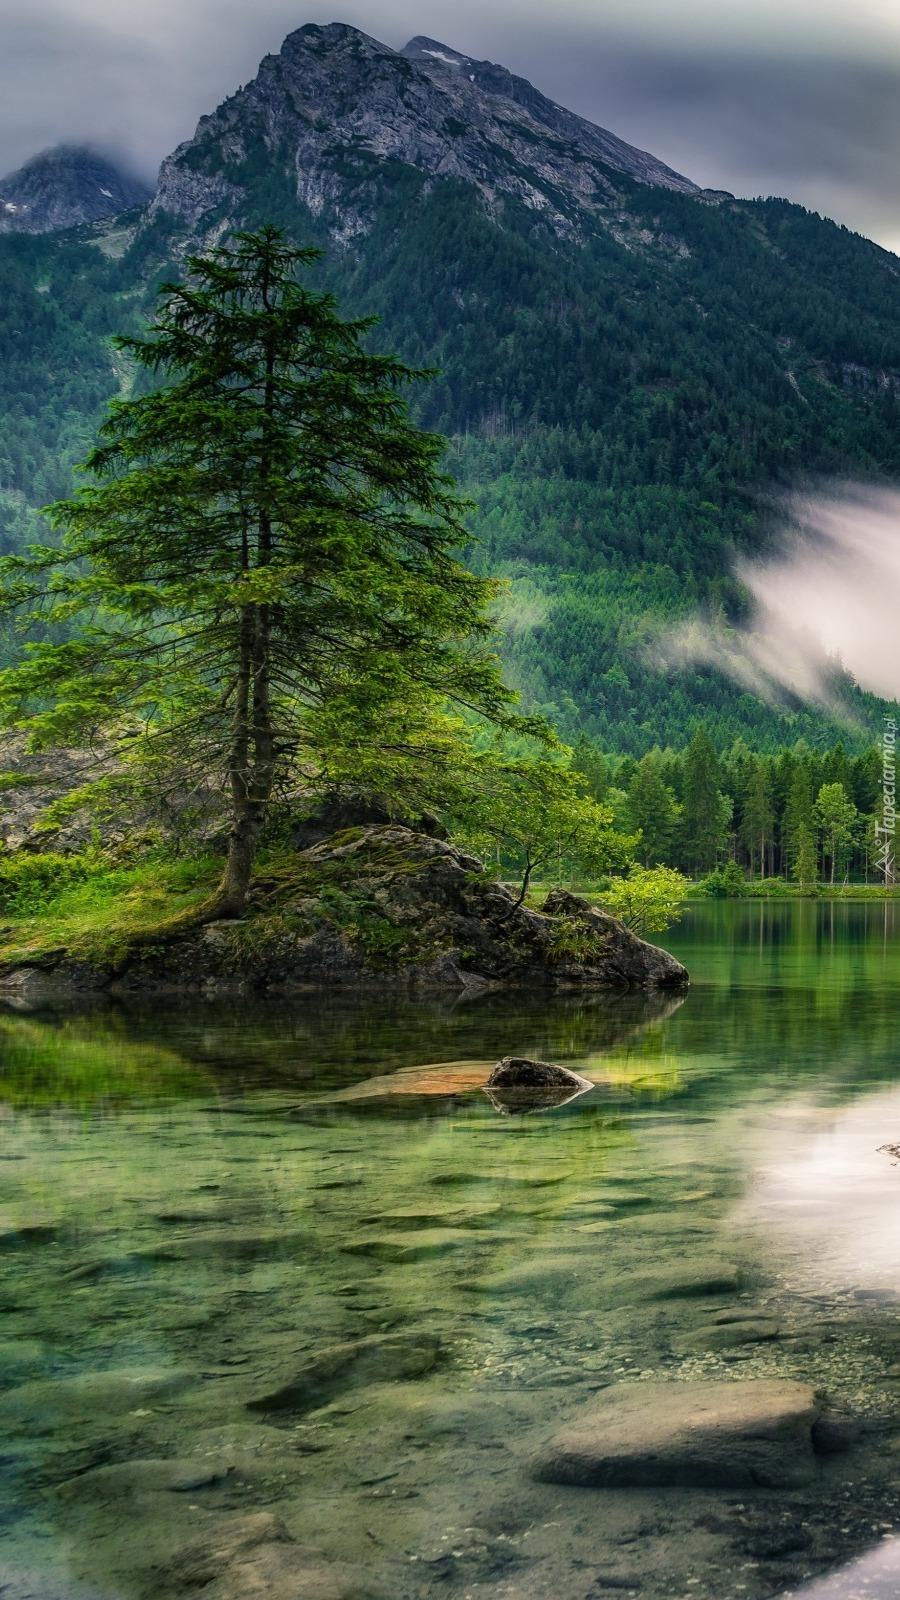 Drzewo na brzegu górskiego jeziora